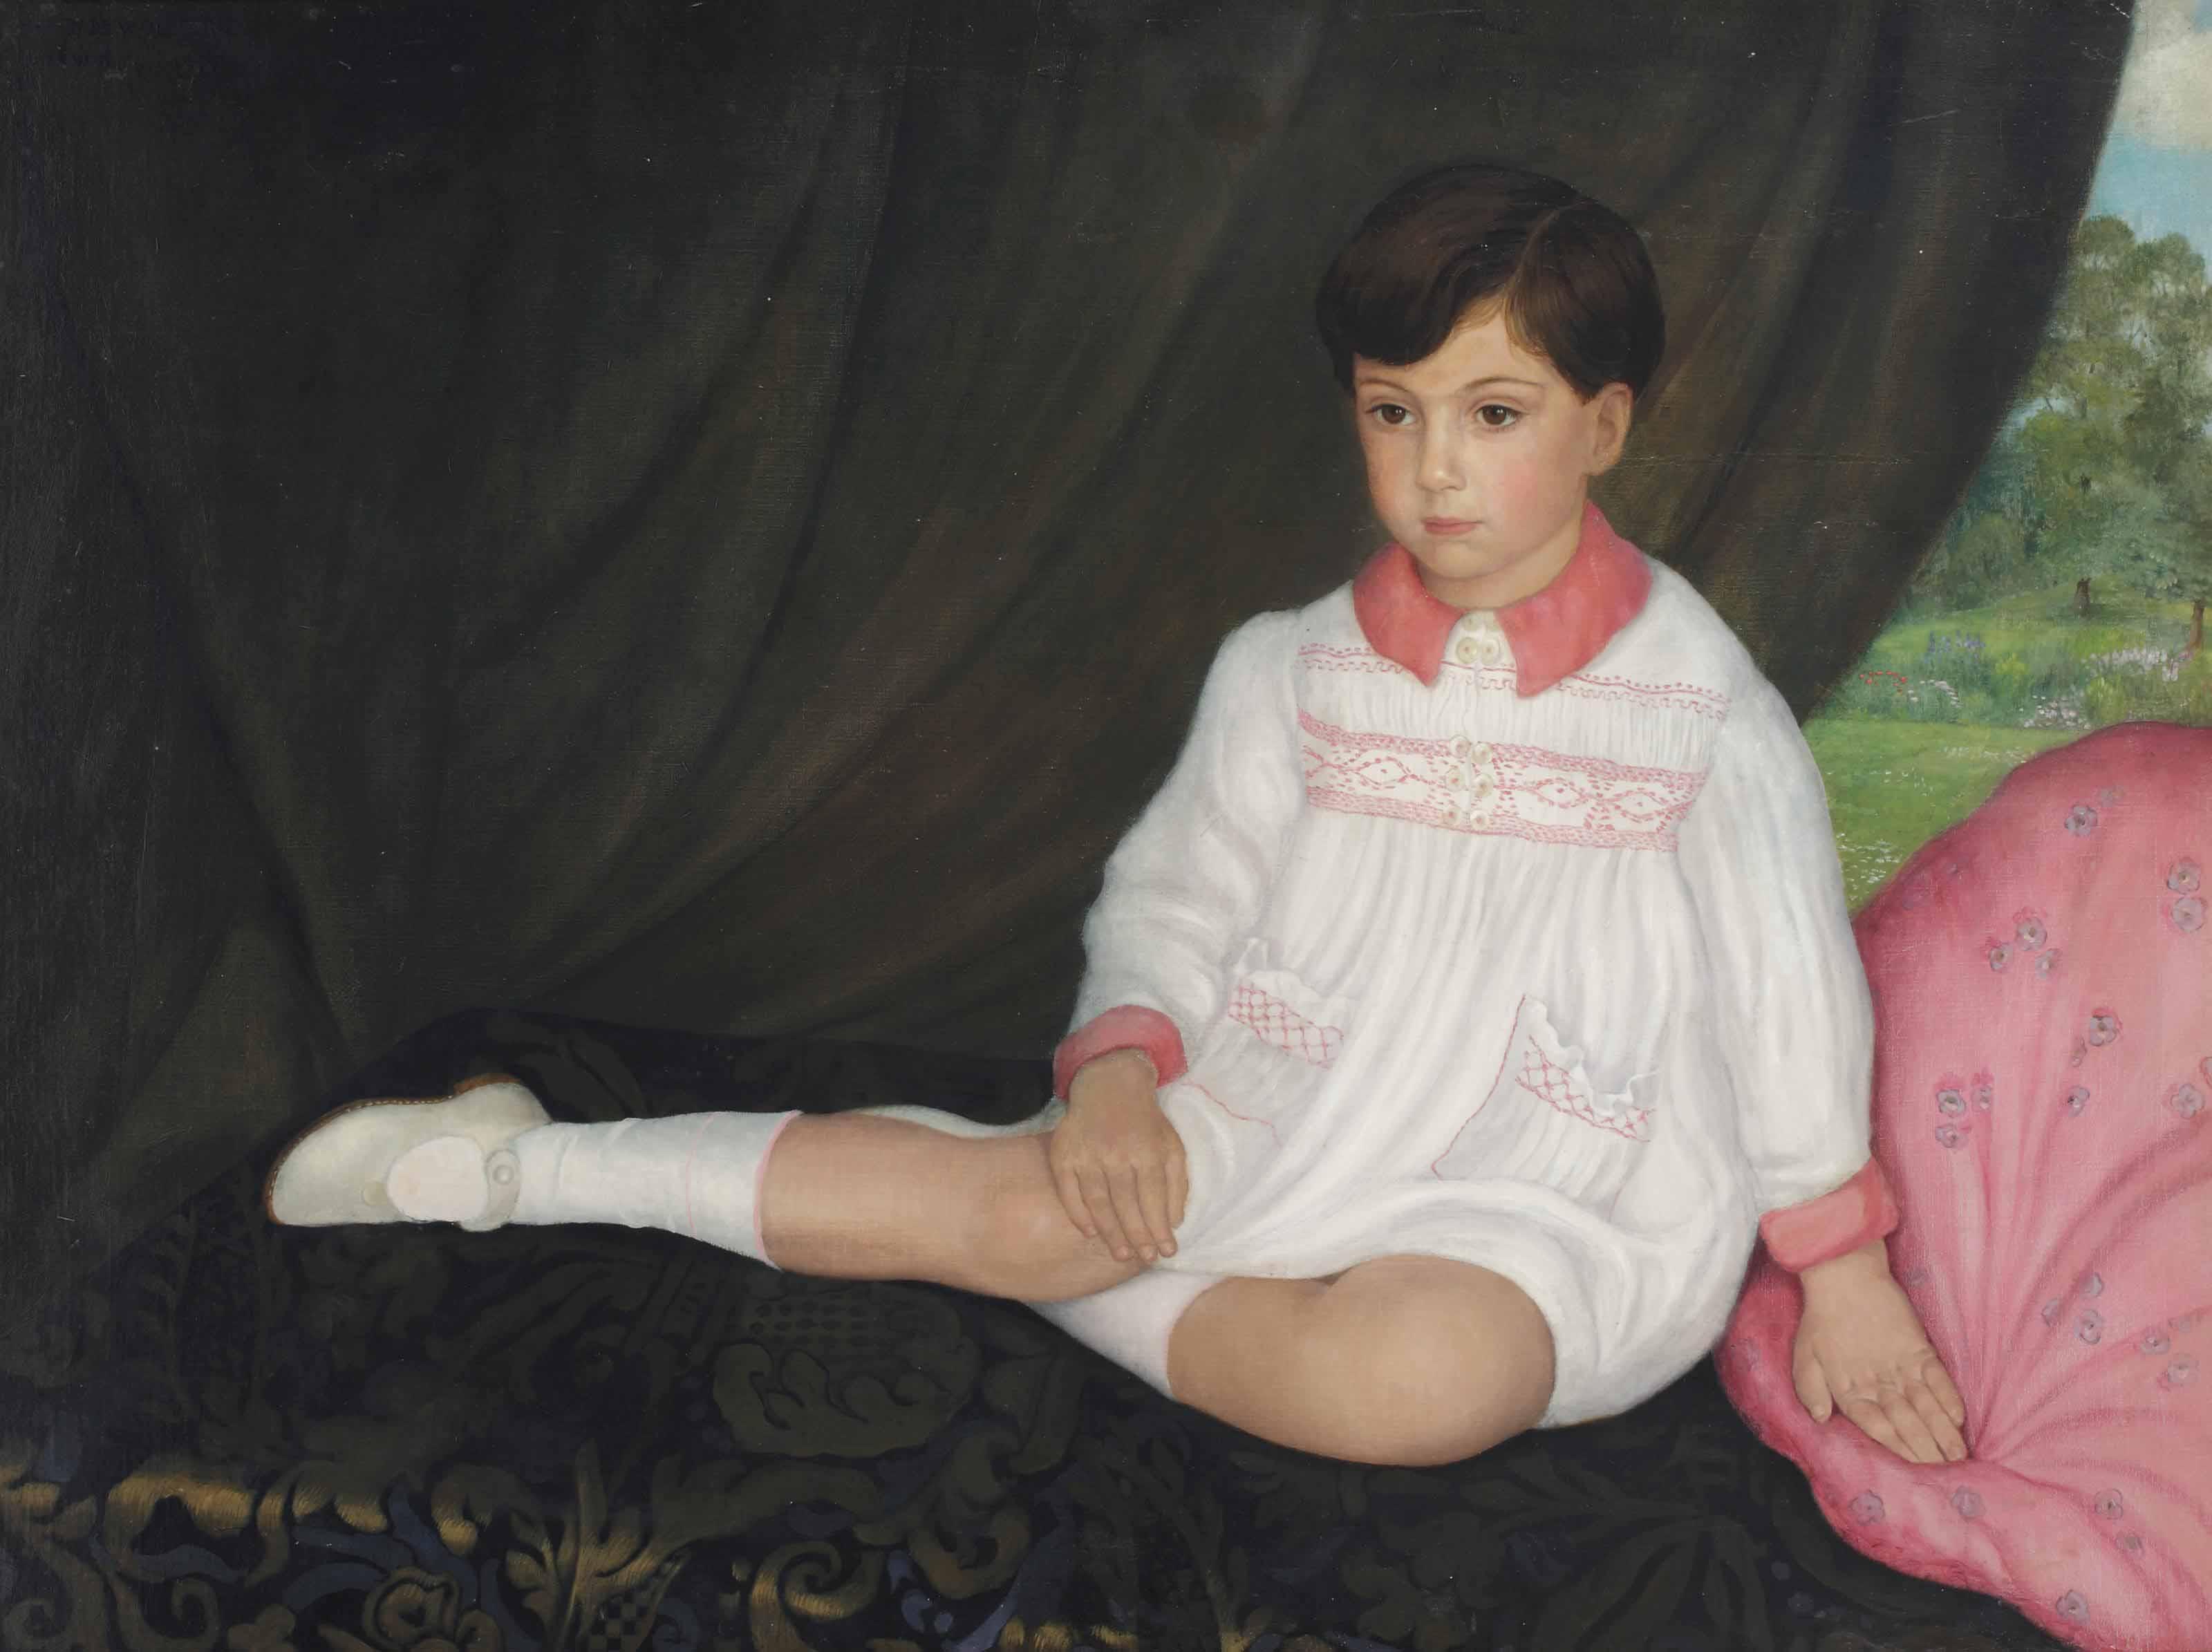 Gustave Van de Woestyne (1881-